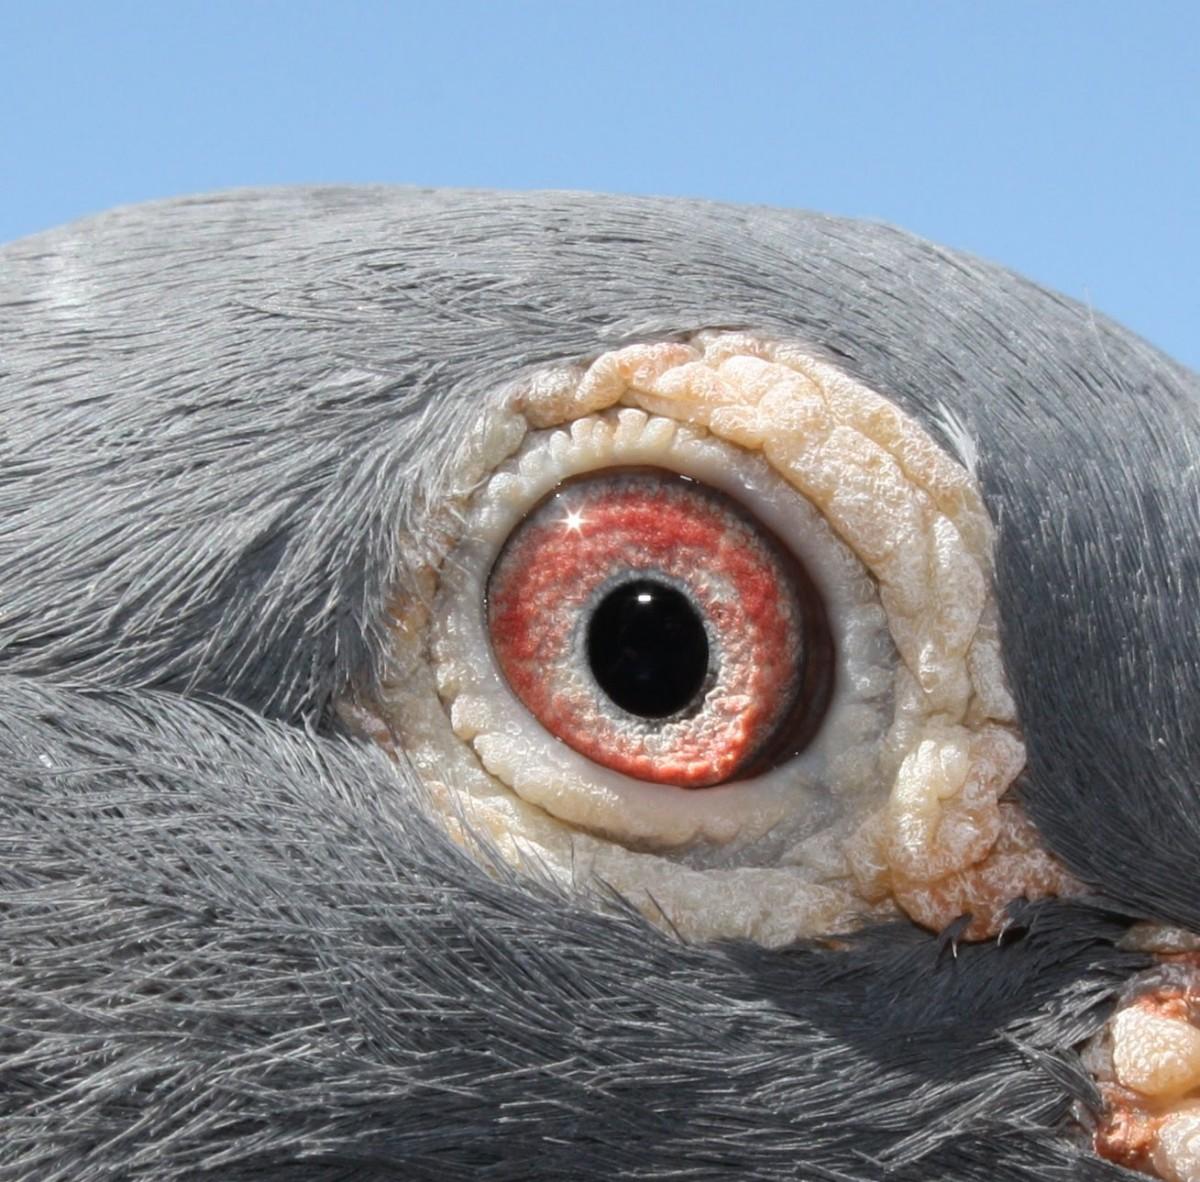 Teoria sobre o olho do pombo